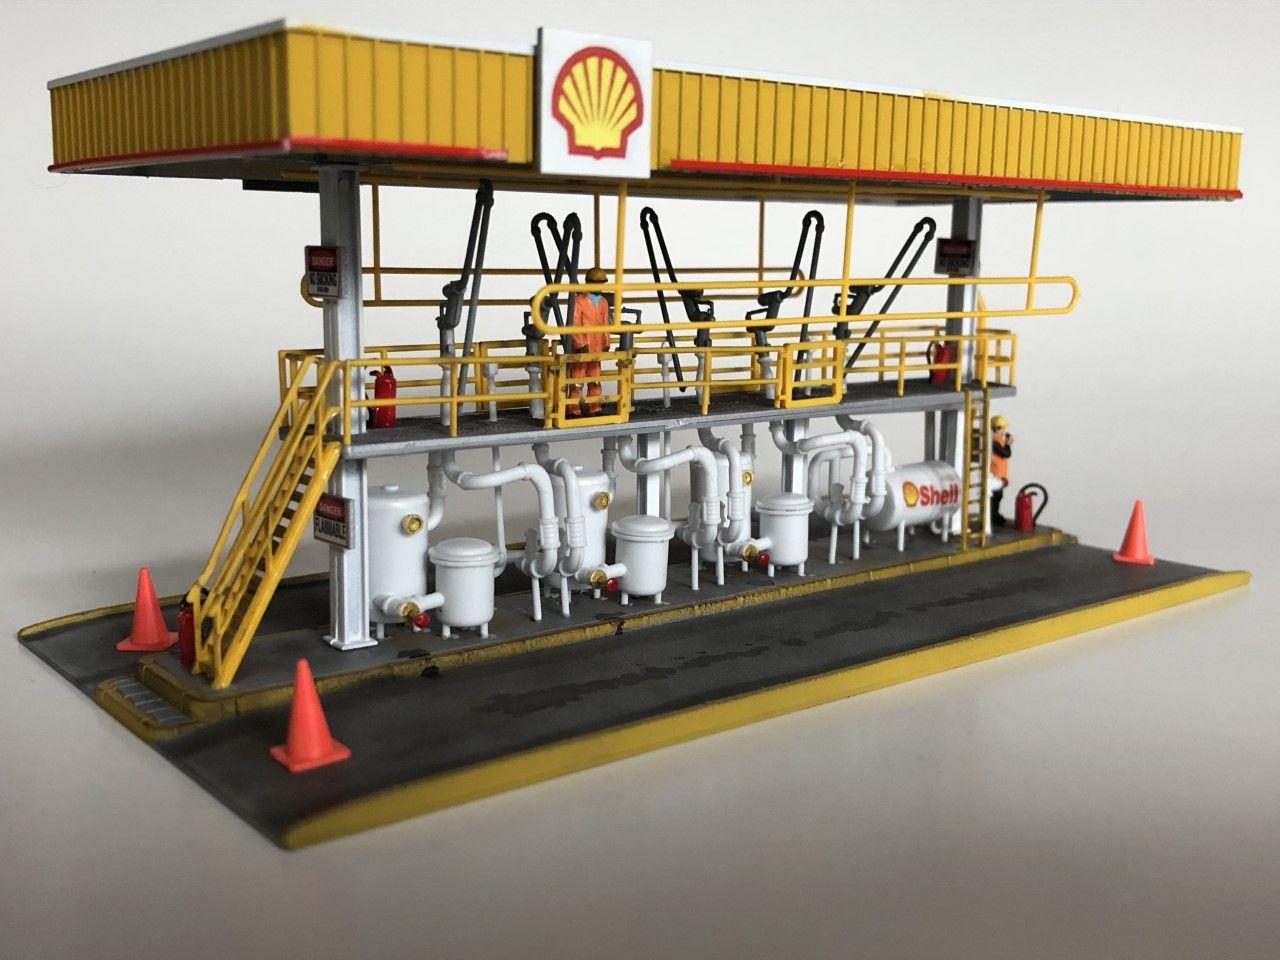 Plaforme pétrolière Shell 1/87 | model railroads | Ho model